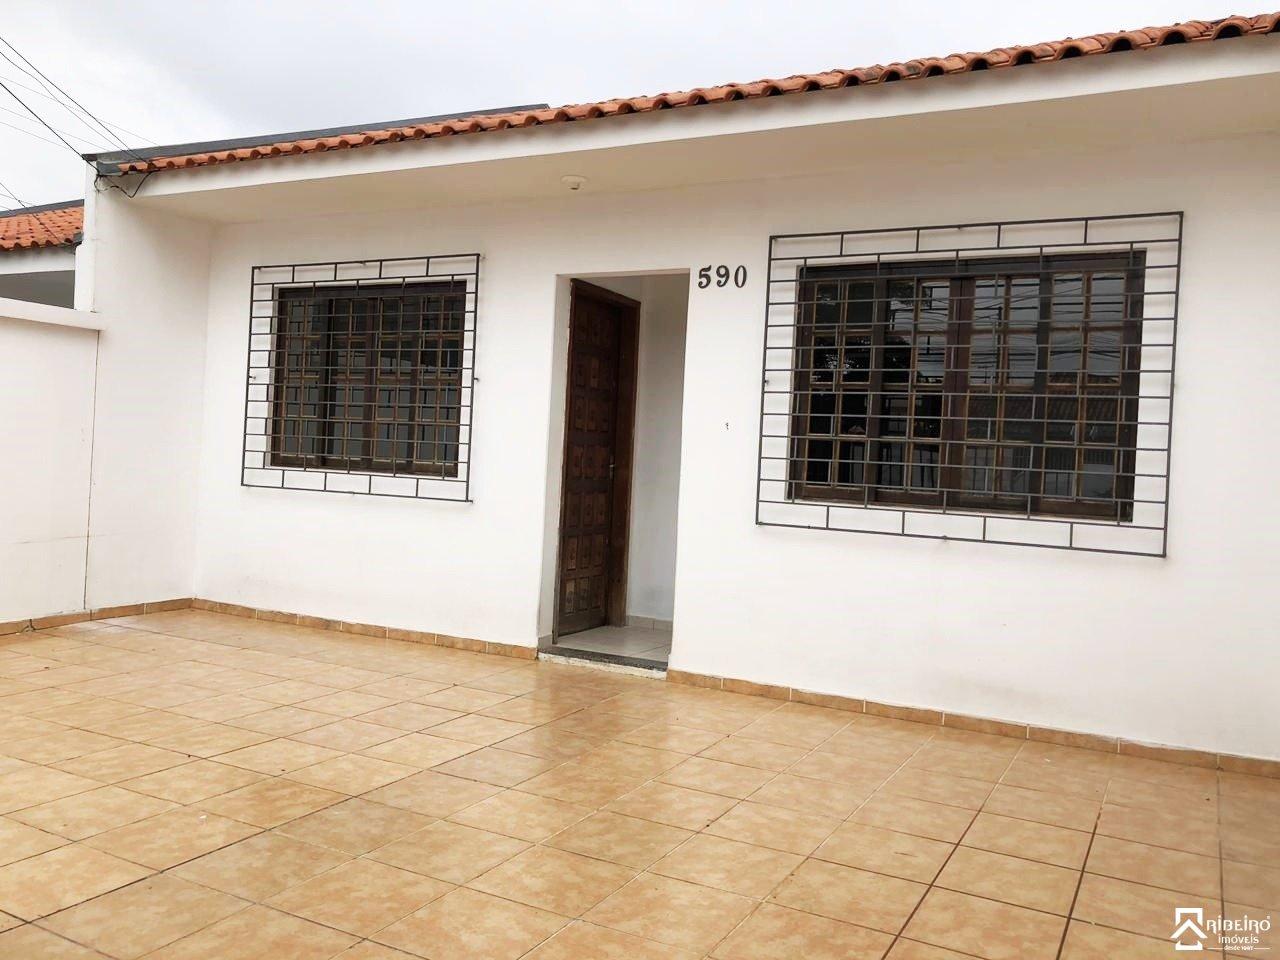 REF. 1313 -  São José Dos Pinhais - Rua Irati, 590